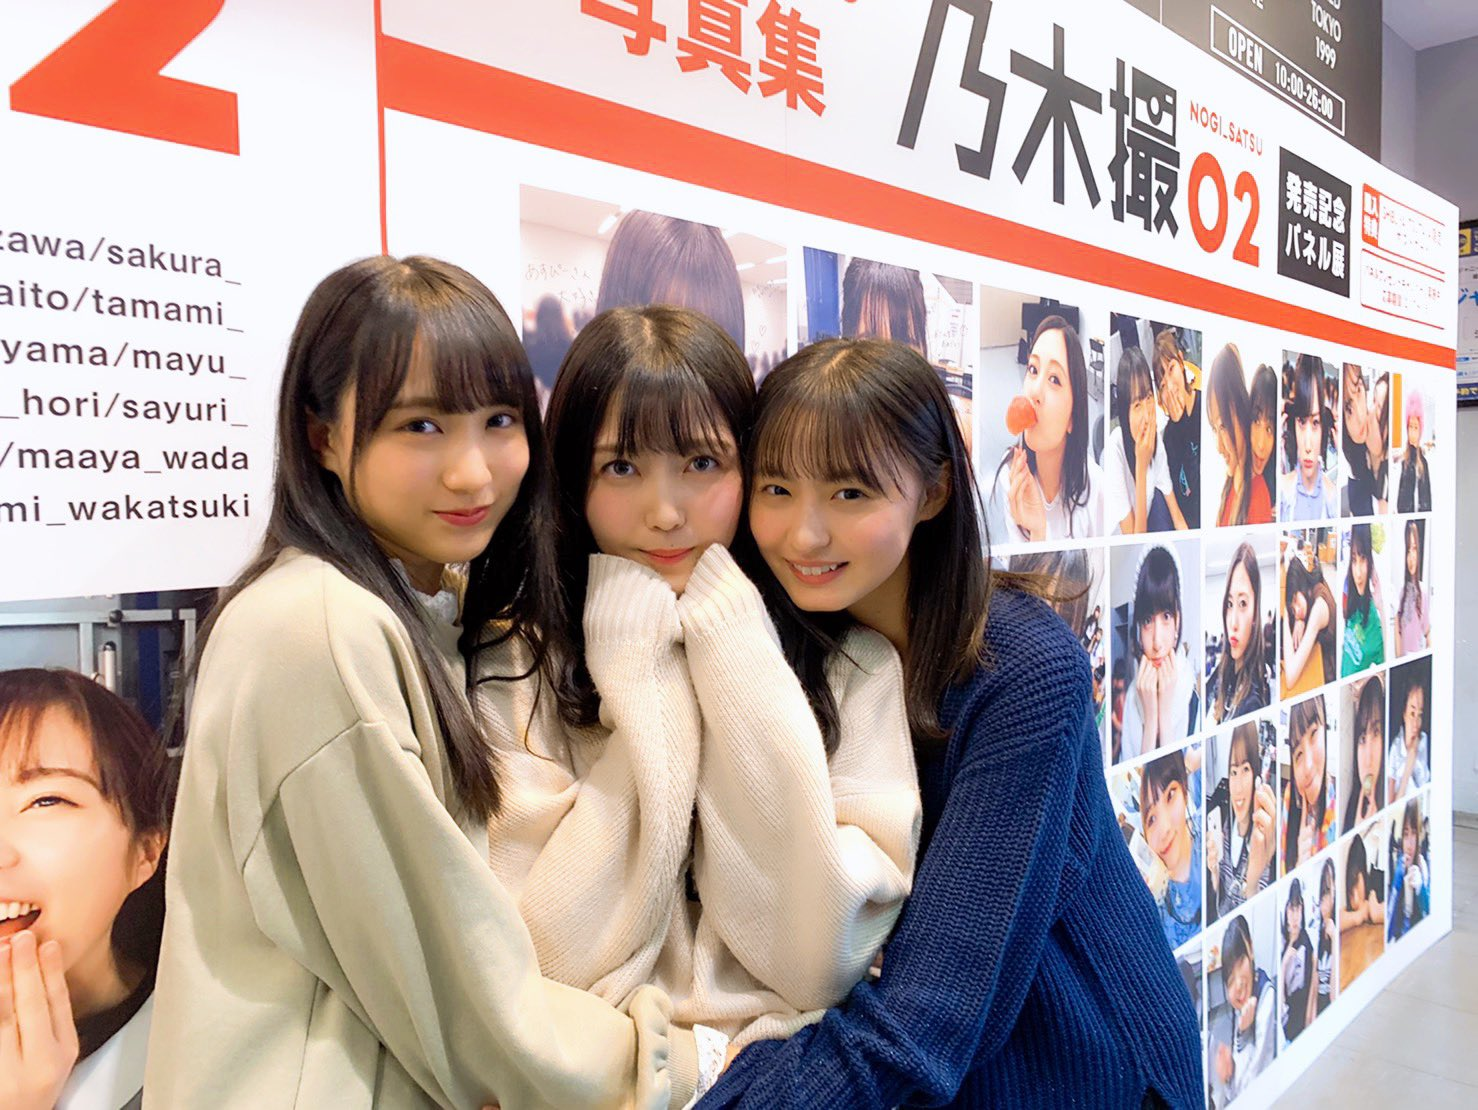 SHIBUYA TSUTAYA 乃木撮2 パネル展 賀喜遥香 久保史緒里 遠藤さくら サイン